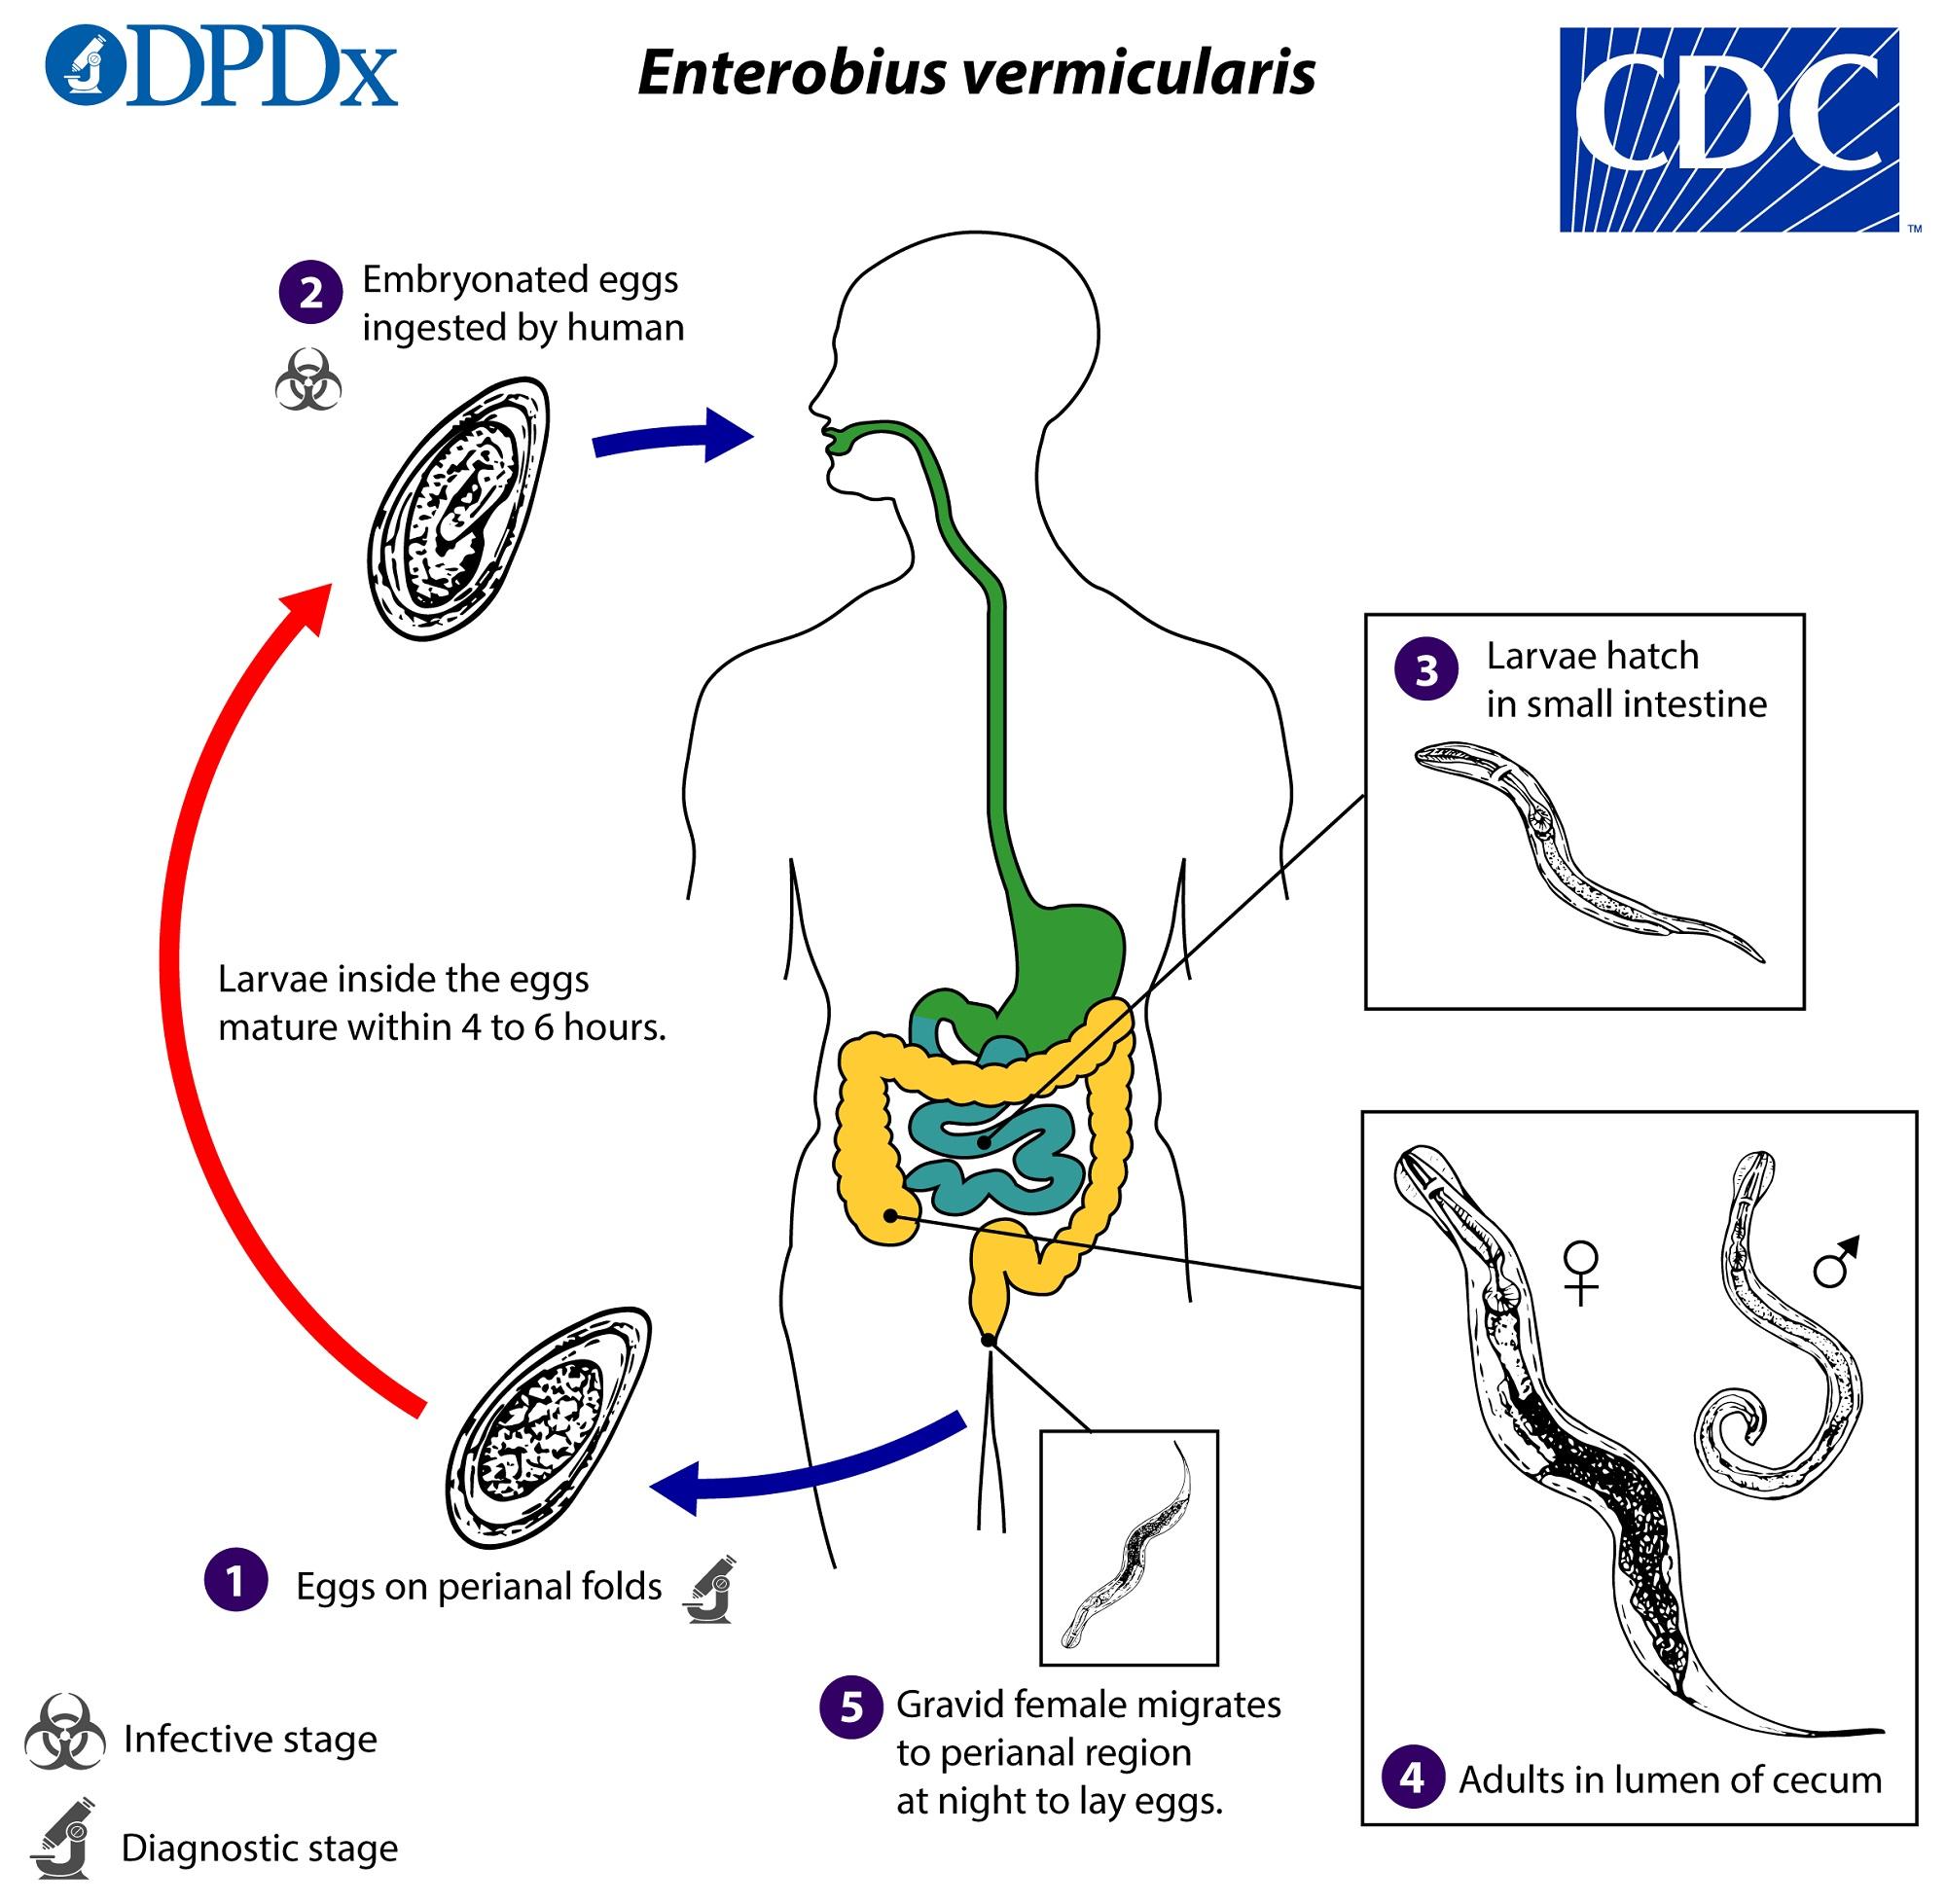 rezisztens enterobius vermicularis)